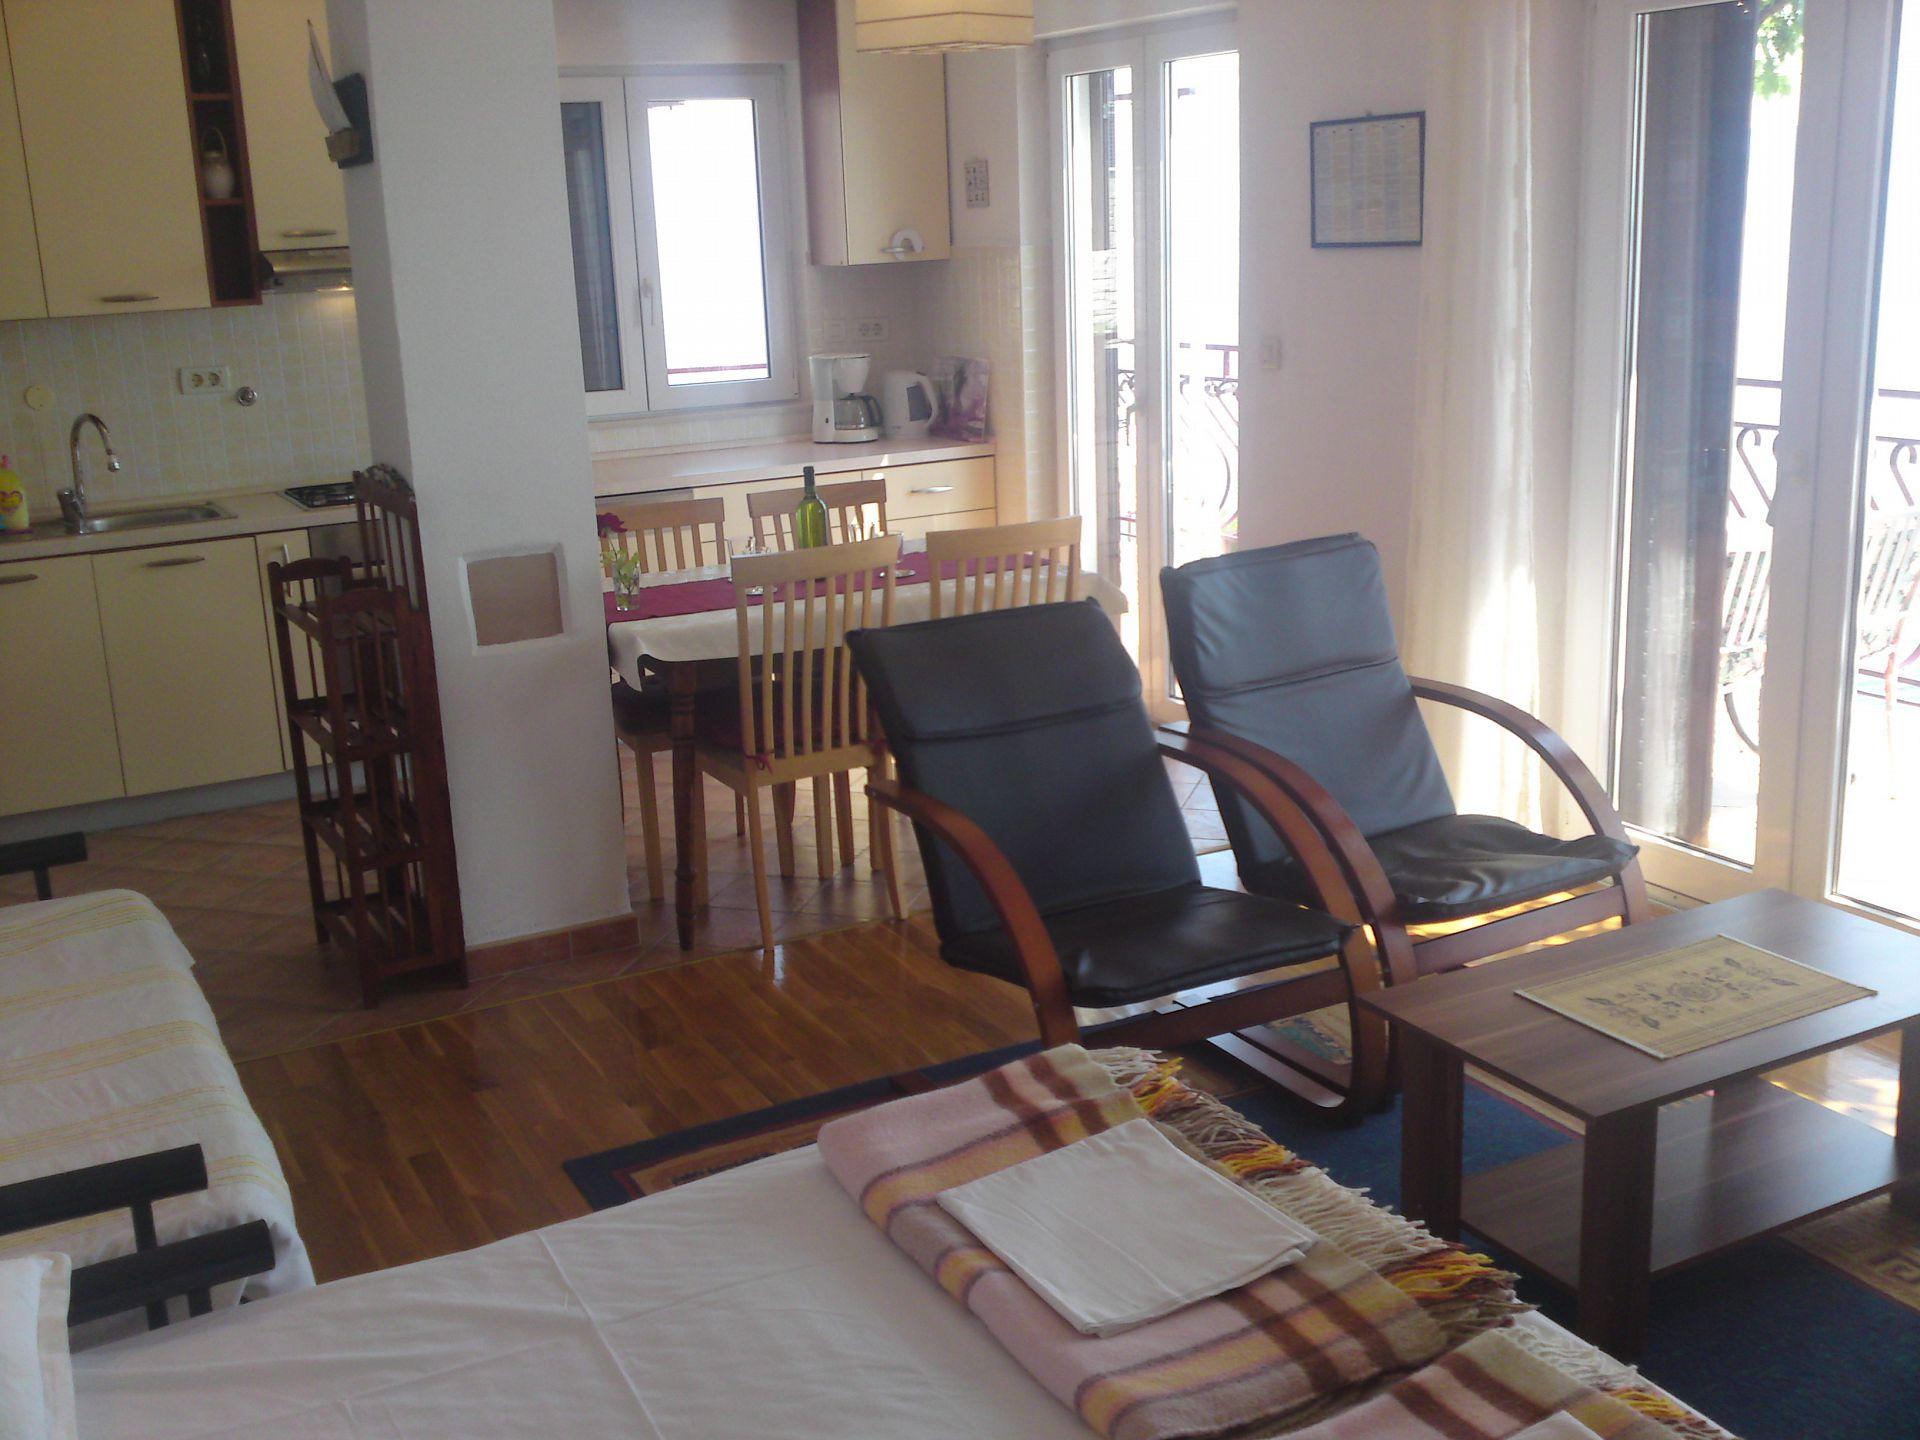 00209PISA  - Pisak - Ferienwohnungen Kroatien - A5 (2+2): Innenausstattung